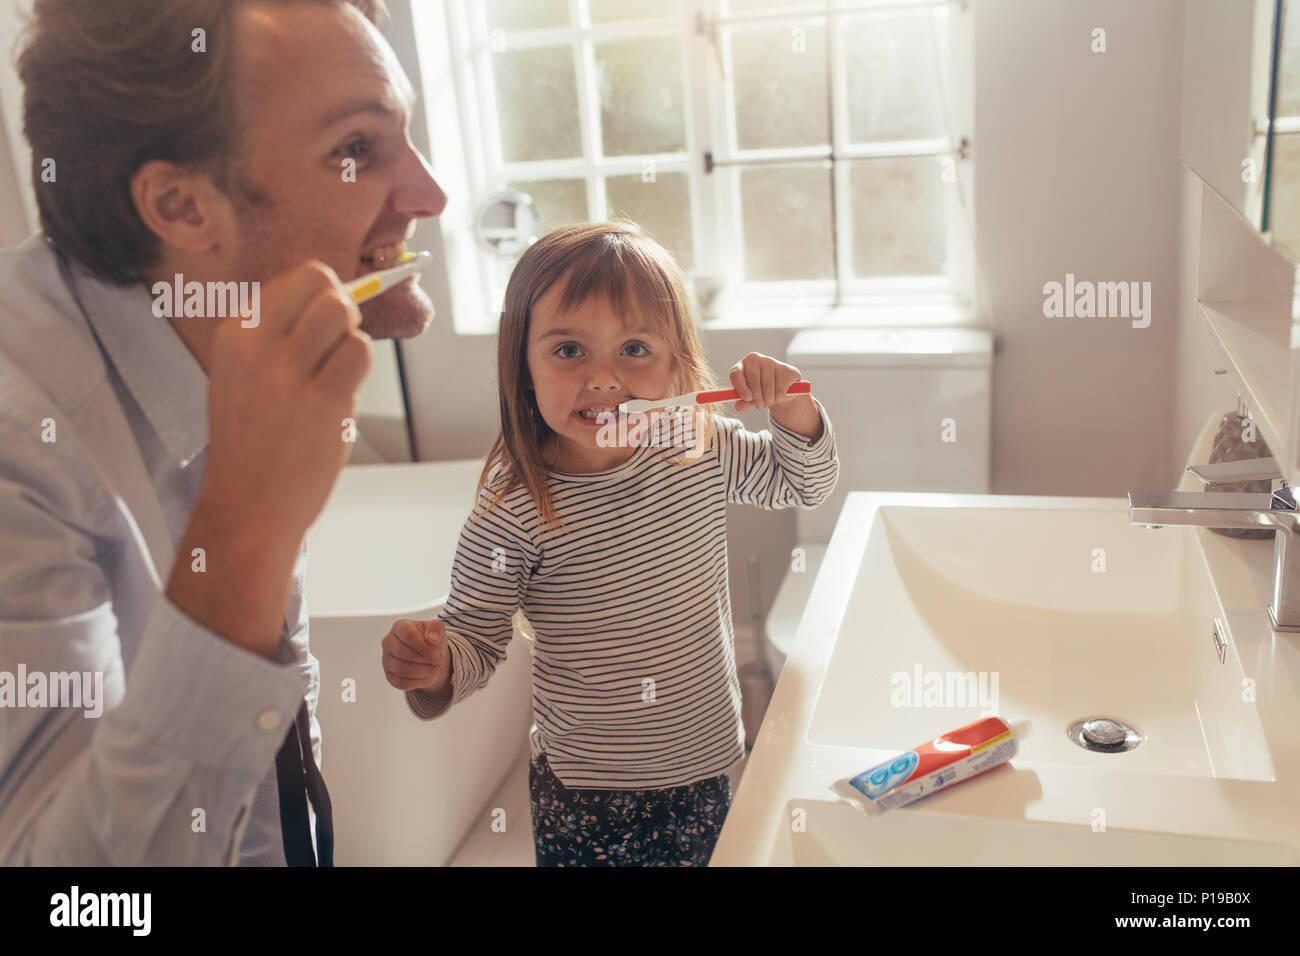 Vater und Tochter Zähneputzen im Badezimmer stehen. Mann seine Tochter, wie die Zähne zu putzen. Stockbild